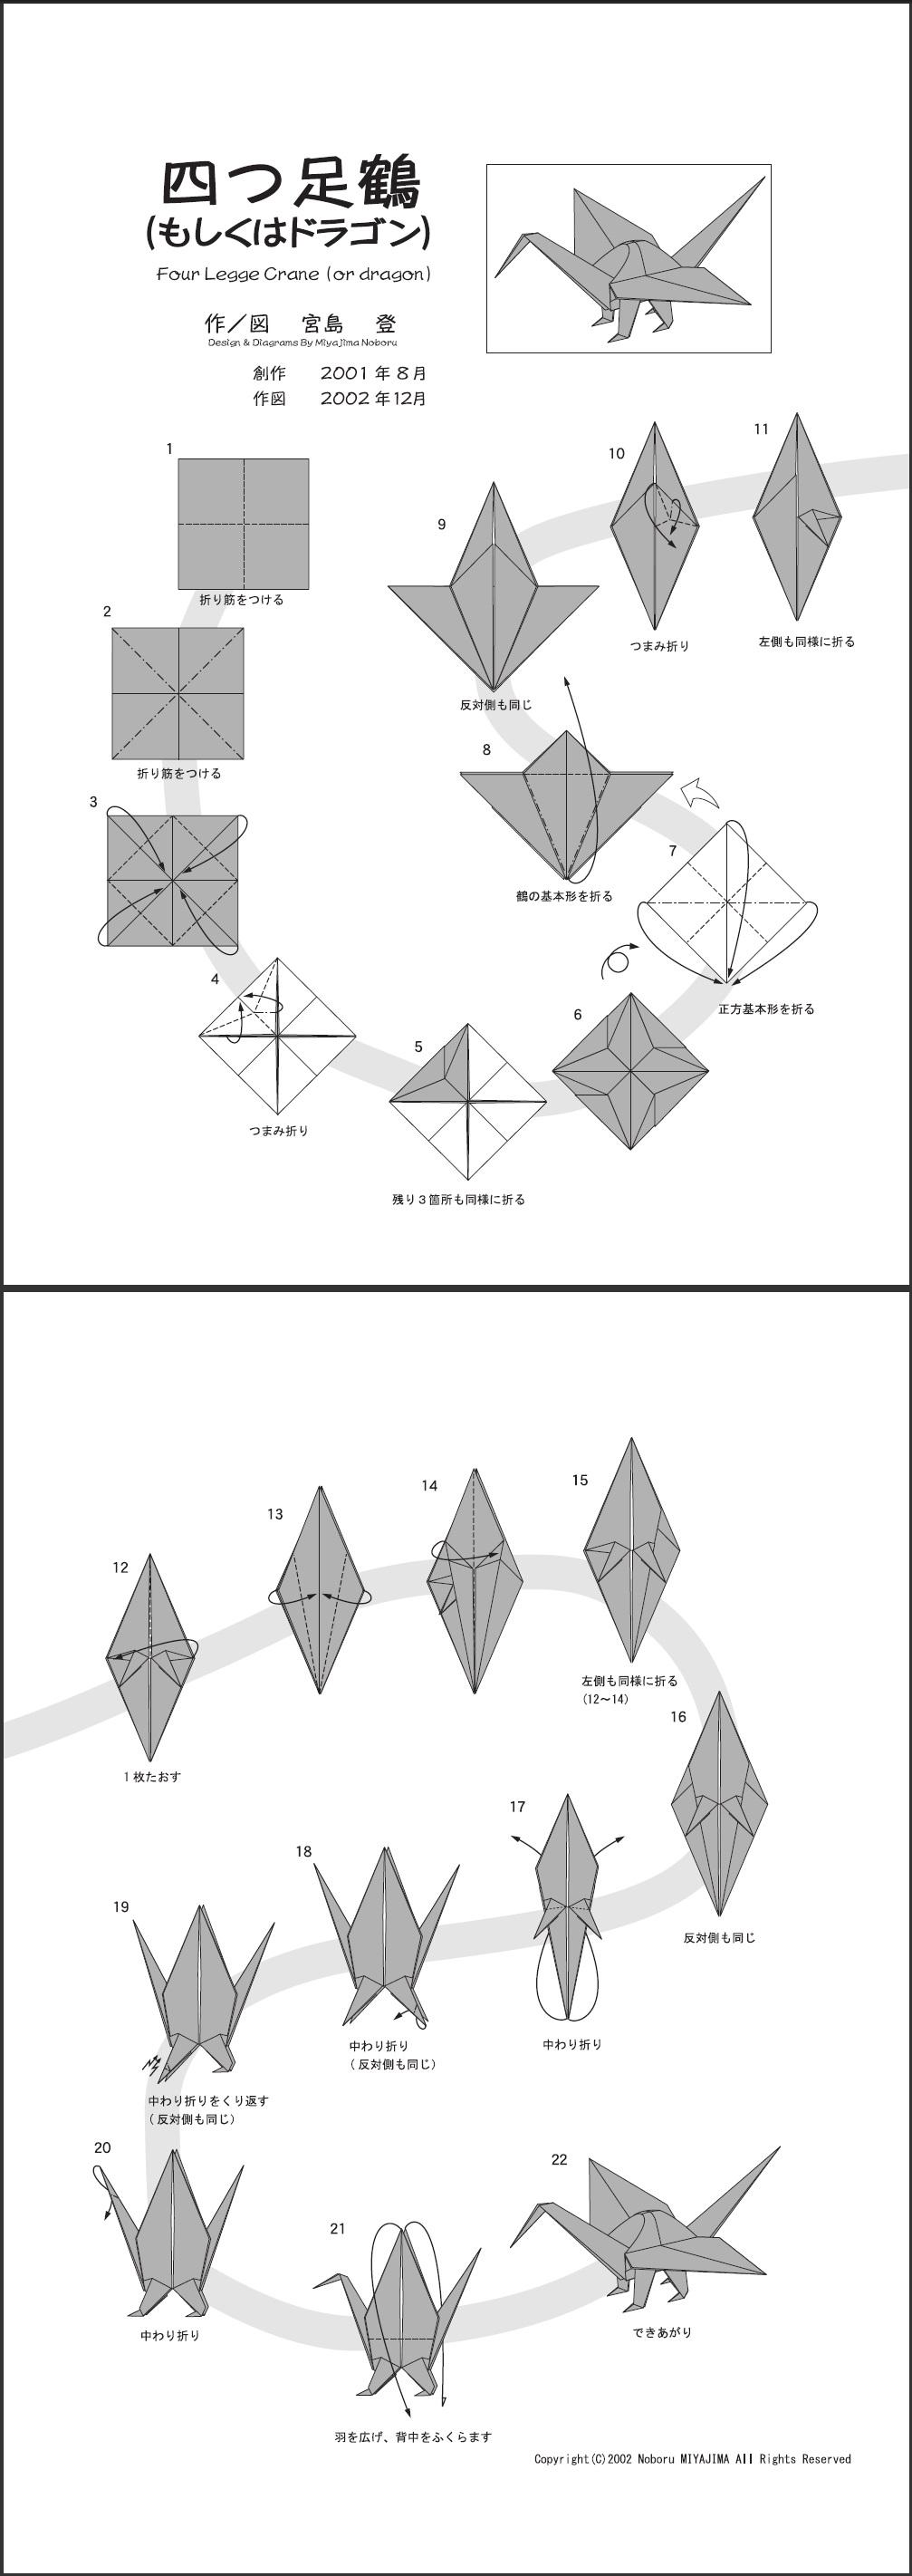 还没学会 四足千纸鹤的折法图解 千纸鹤怎么折详细步骤图解 百度经验